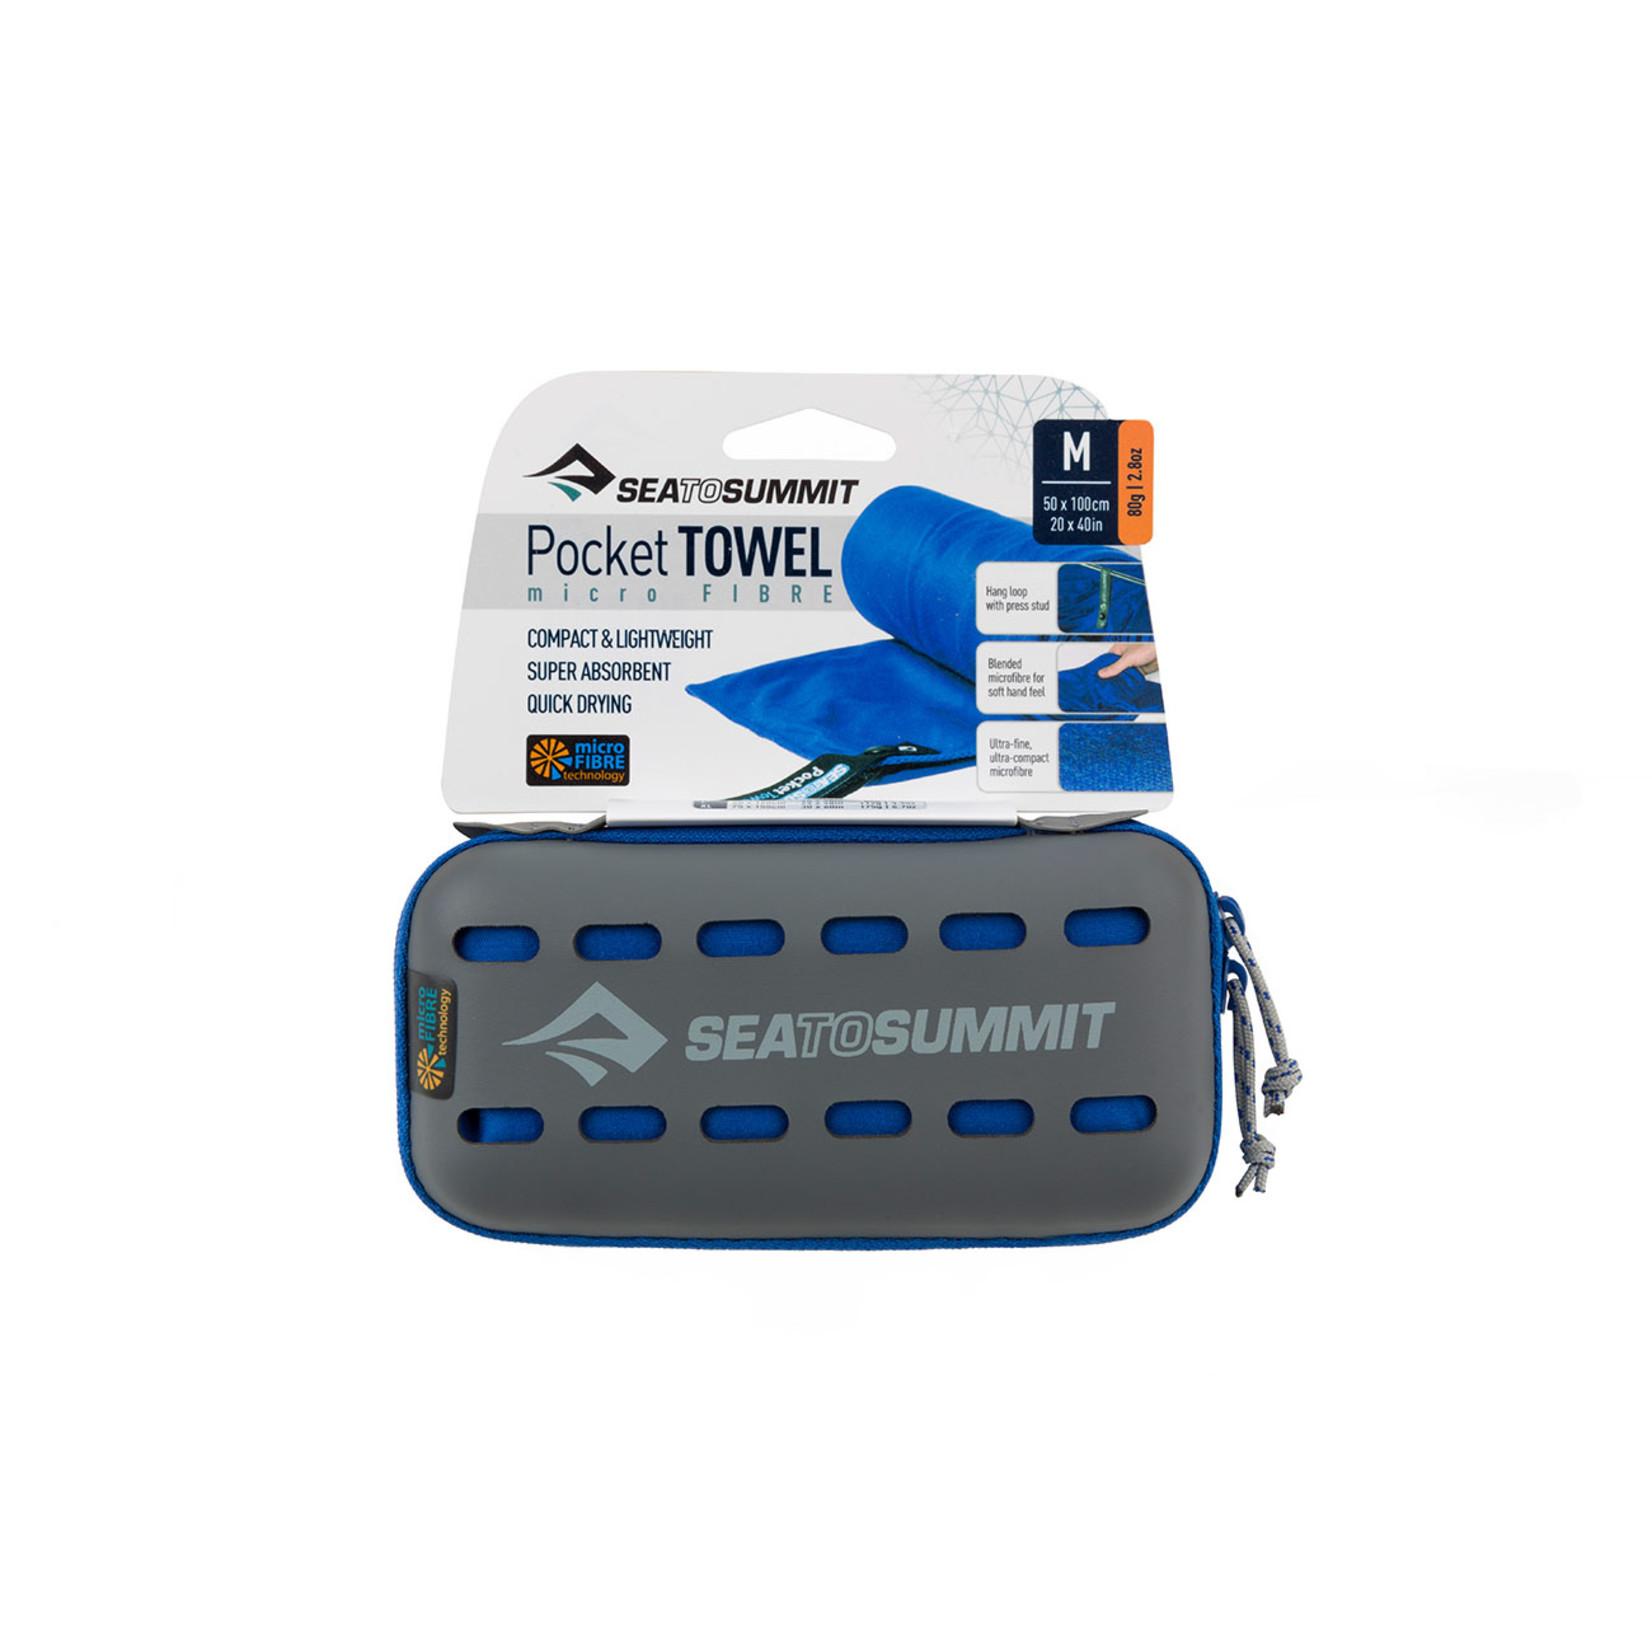 Sea to Summit Sea to Summit, Pocket Towel Medium Cobalt Blue